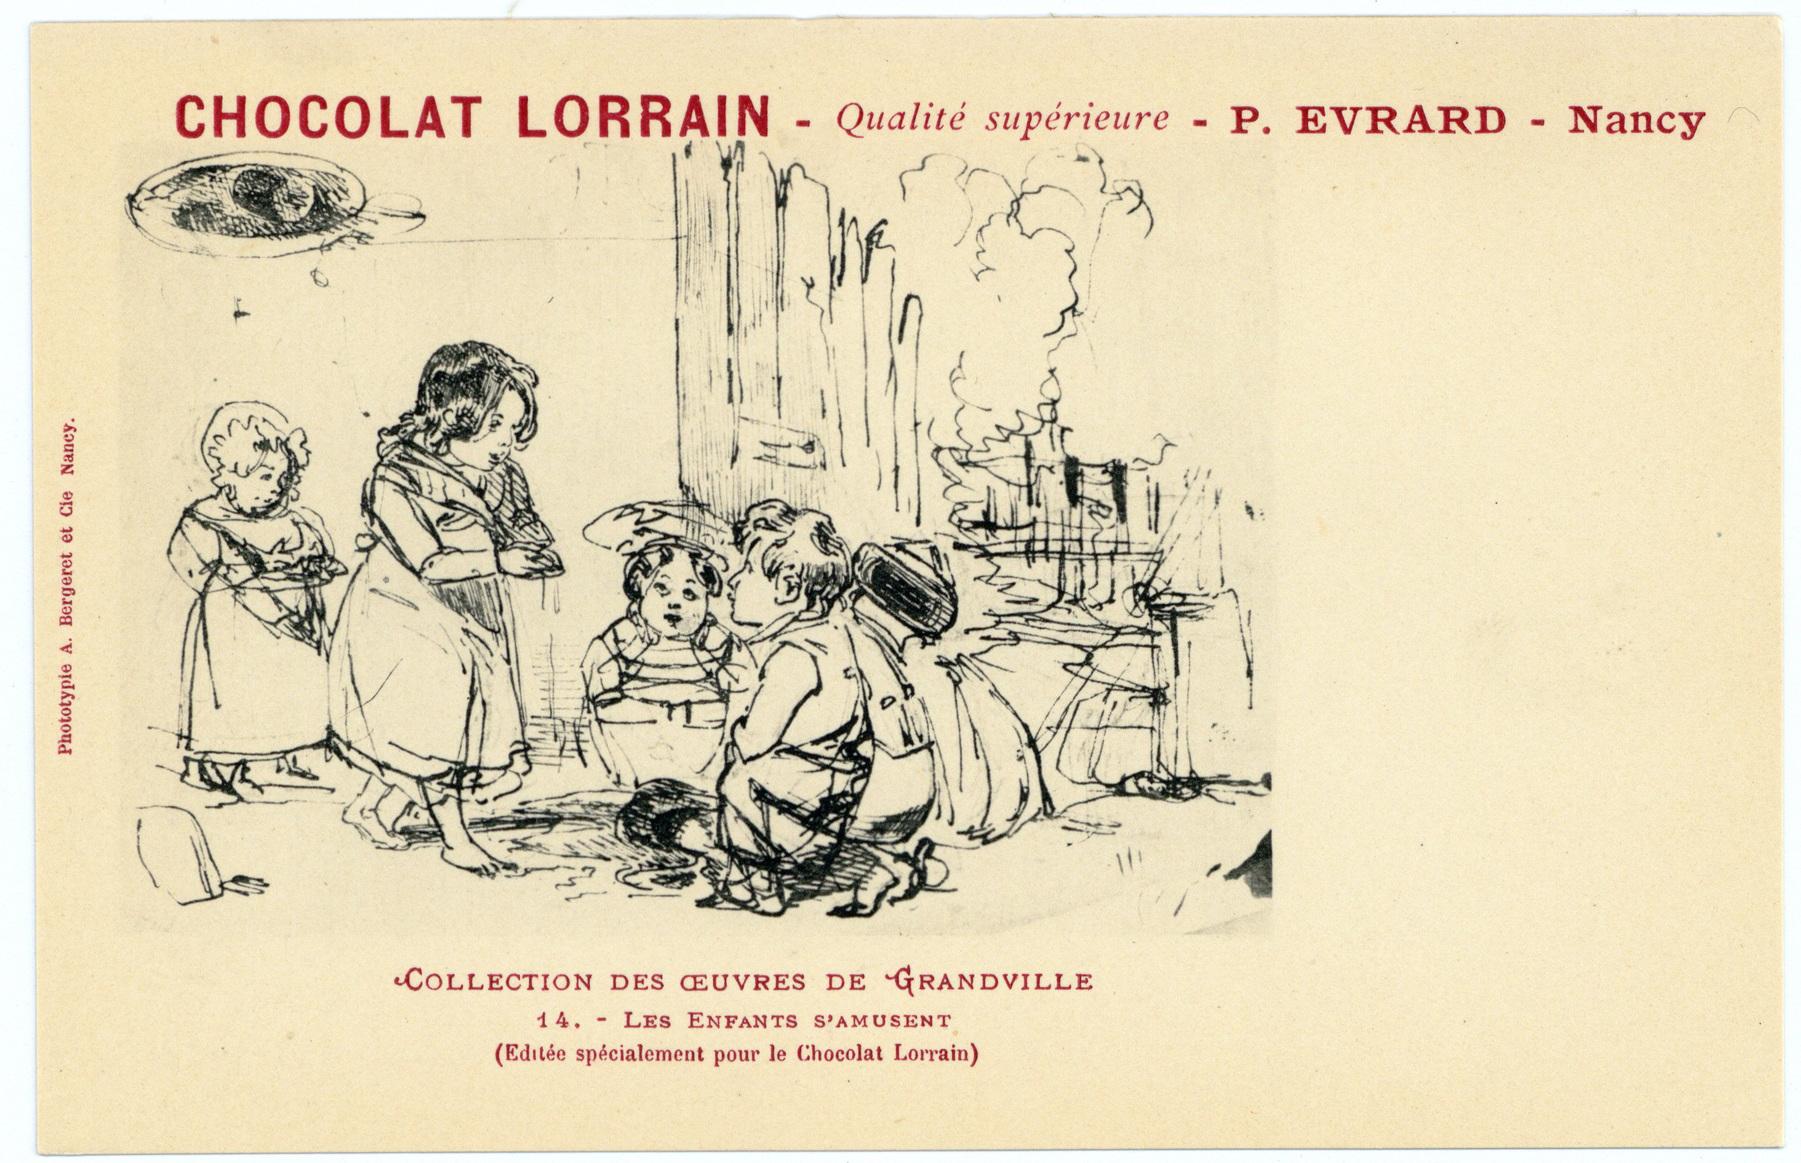 Contenu du Les enfants s'amusent : (éditée spécialement pour le Chocolat Lorrain), chocolat lorrain, qualité supérieure, P. Evrard, Nancy. Collection des œuvres de Grandville